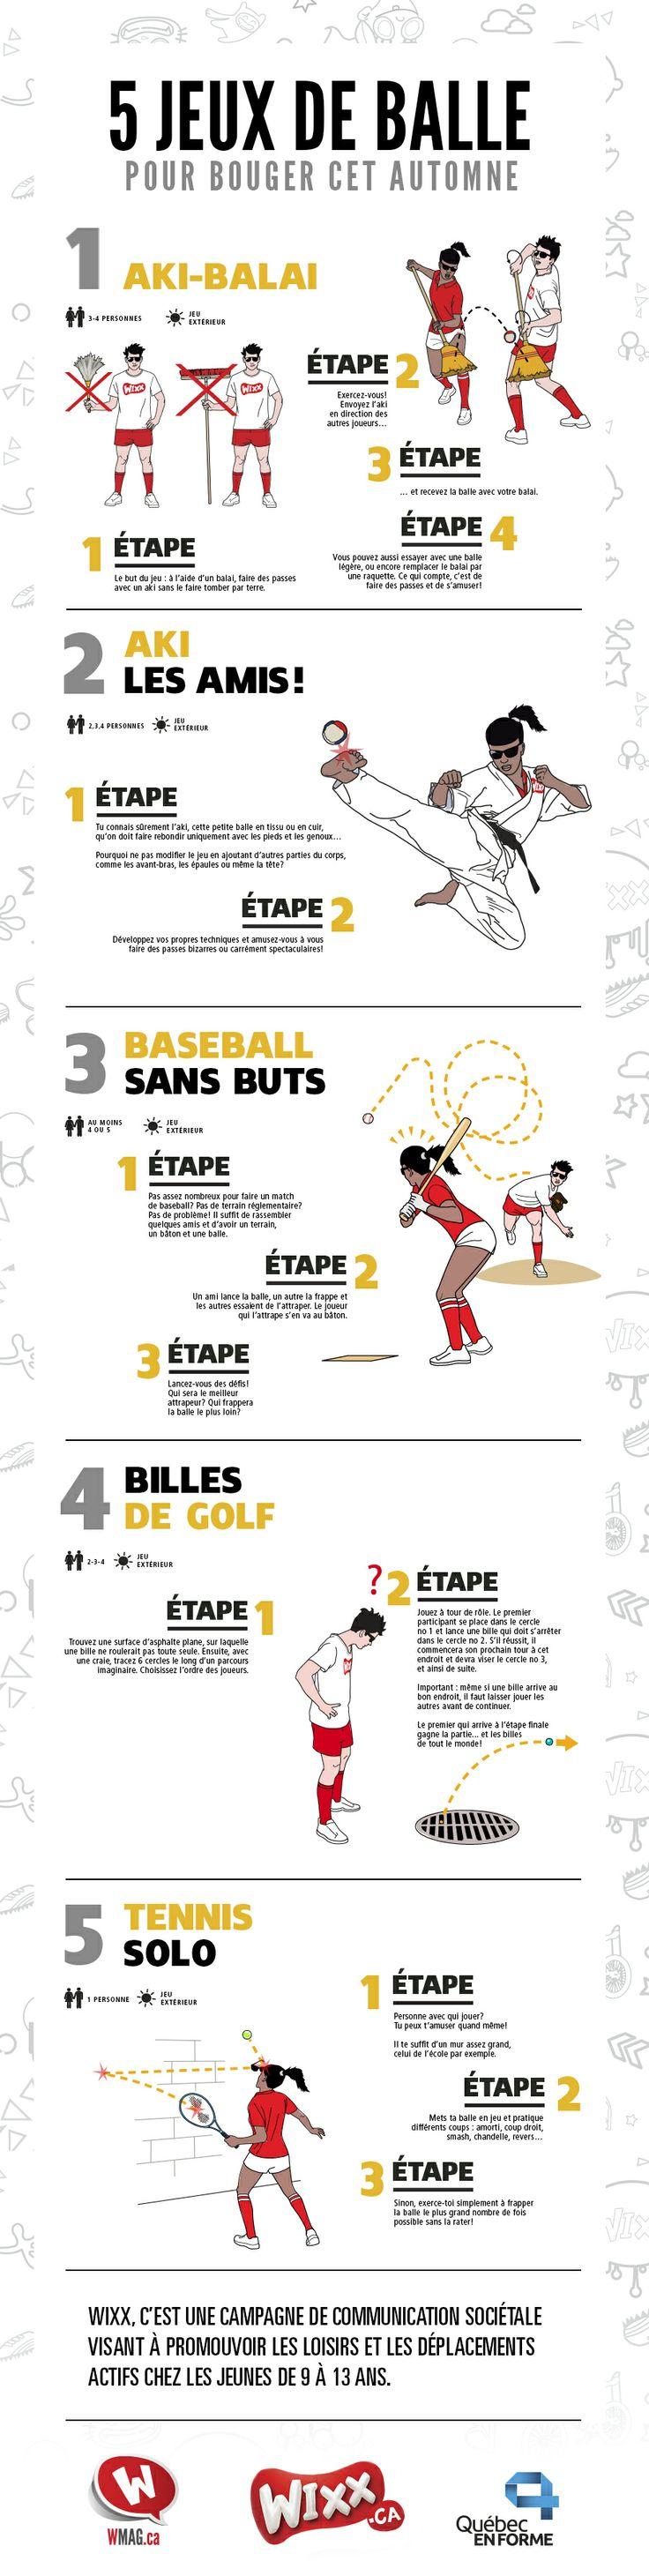 5 jeux à faire avec une balle #INFOGRAPHIE | WIXXMAG